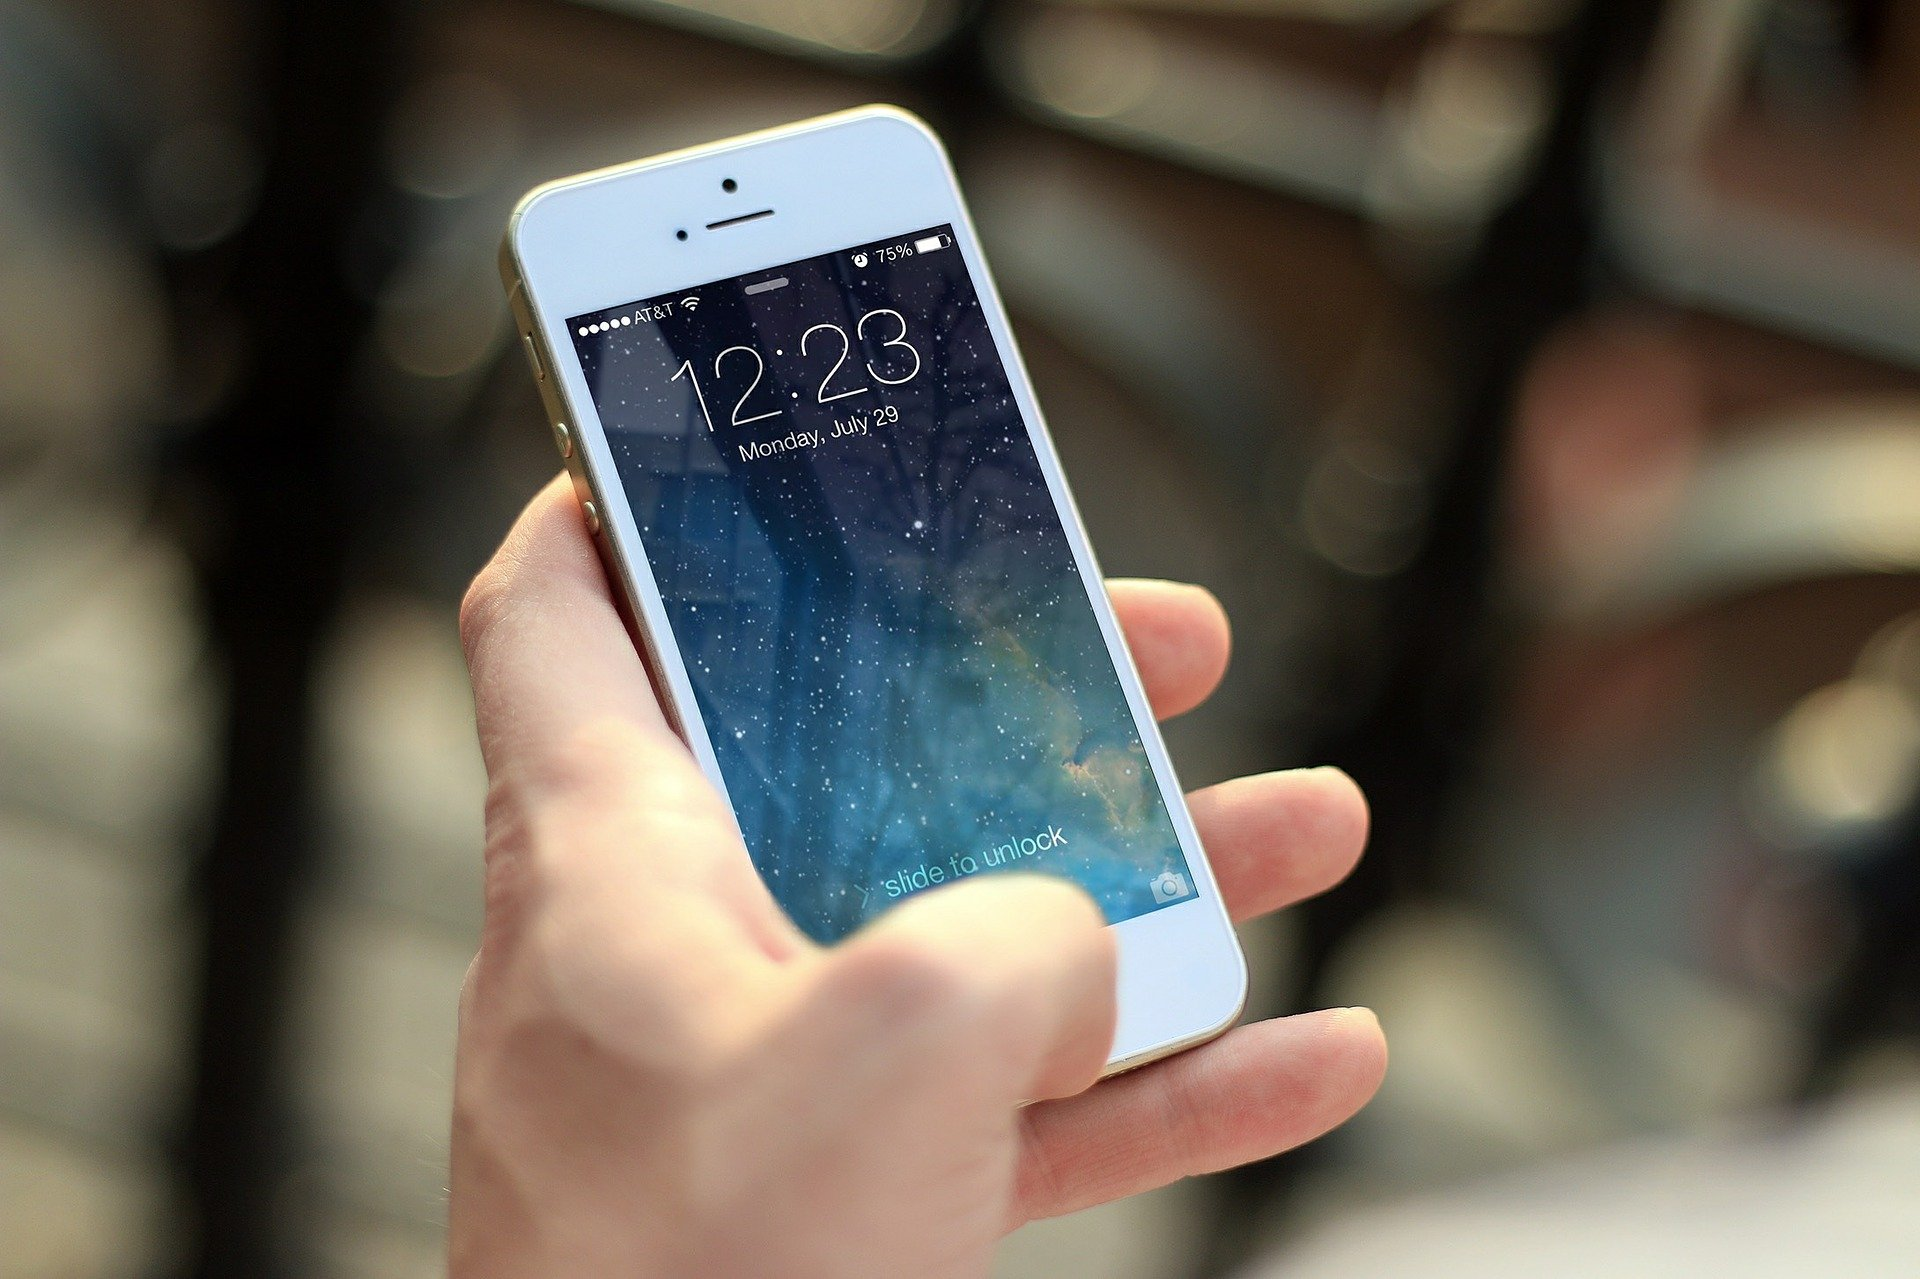 Imagem mostra uma pessoa segurando um smartphone na tela inicial.